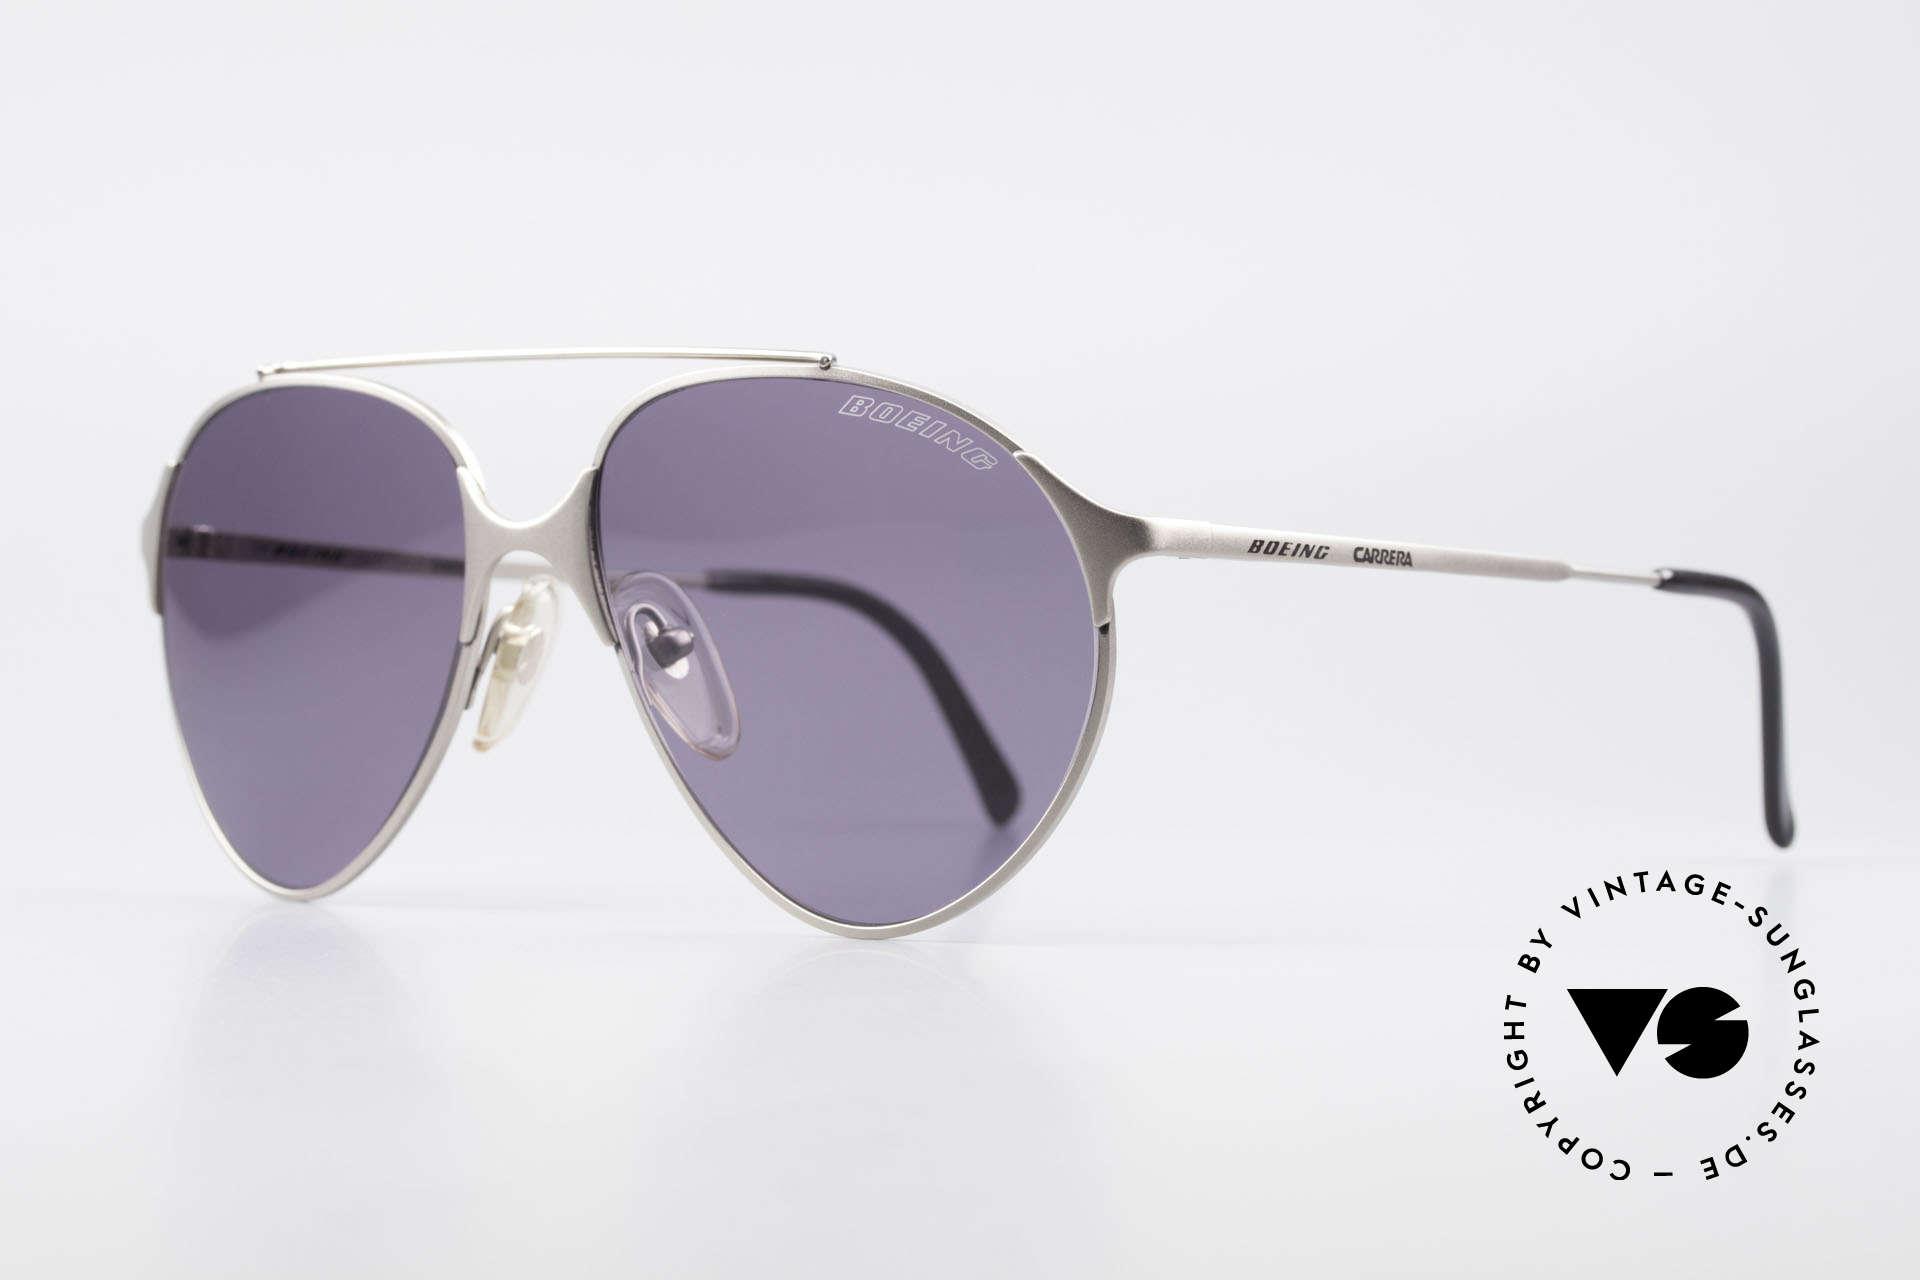 Boeing 5710 Mickey Rourke Killshot Brille, sehr leichte Titanium-Version: Rahmen wiegt nur 21g, Passend für Herren